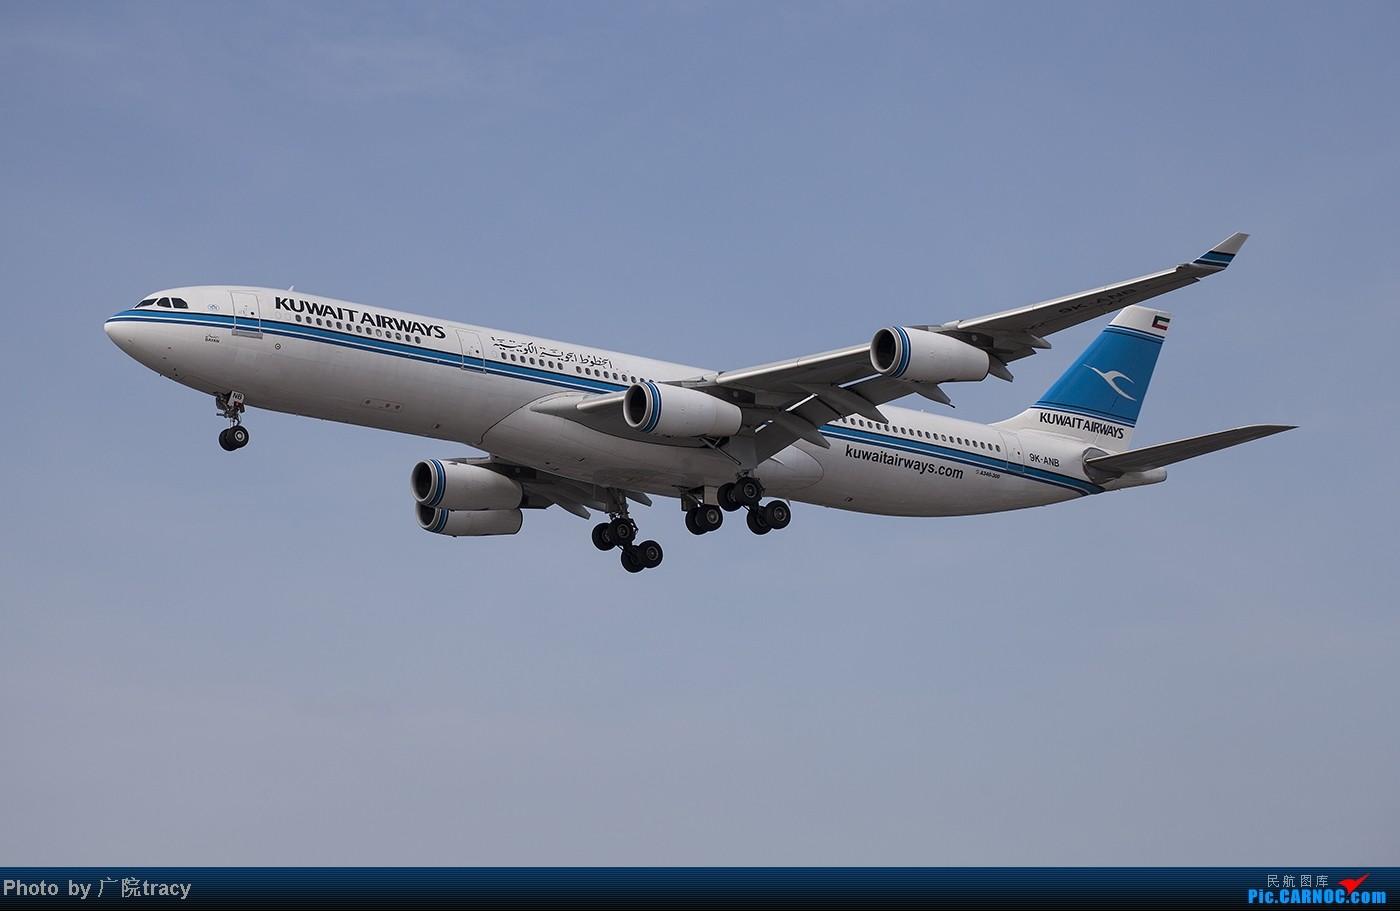 Re:[原创]★ ★ ★ ★ ★中东的航空公司在伦敦希斯罗国际机场  ★ ★ ★ ★ ★ AIRBUS A340-300 9K-ANB 英国伦敦希思罗机场